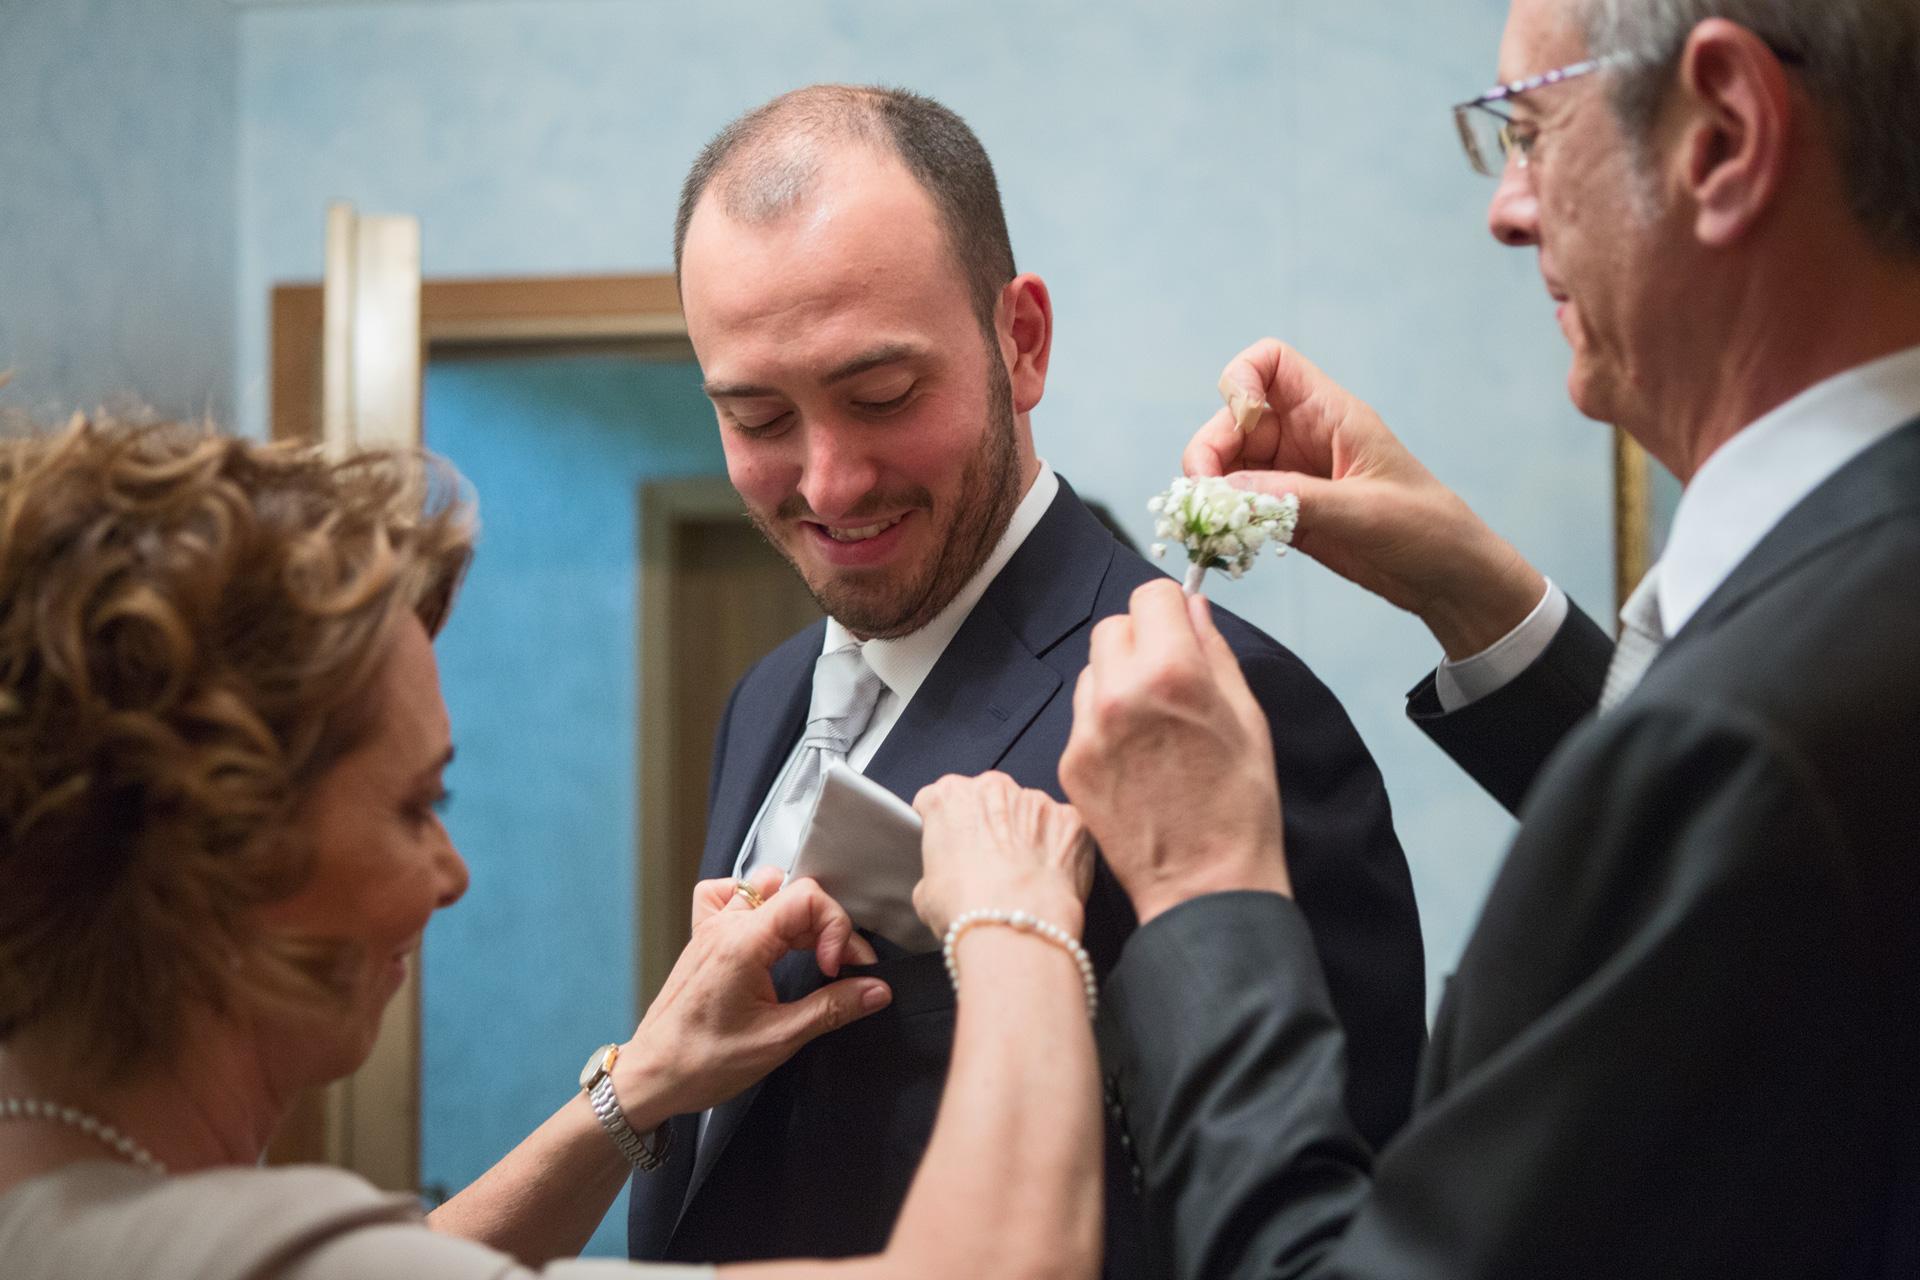 la mamma e il papà dello sposo lo aiutano con fiore all'occhiello e fazzoletto